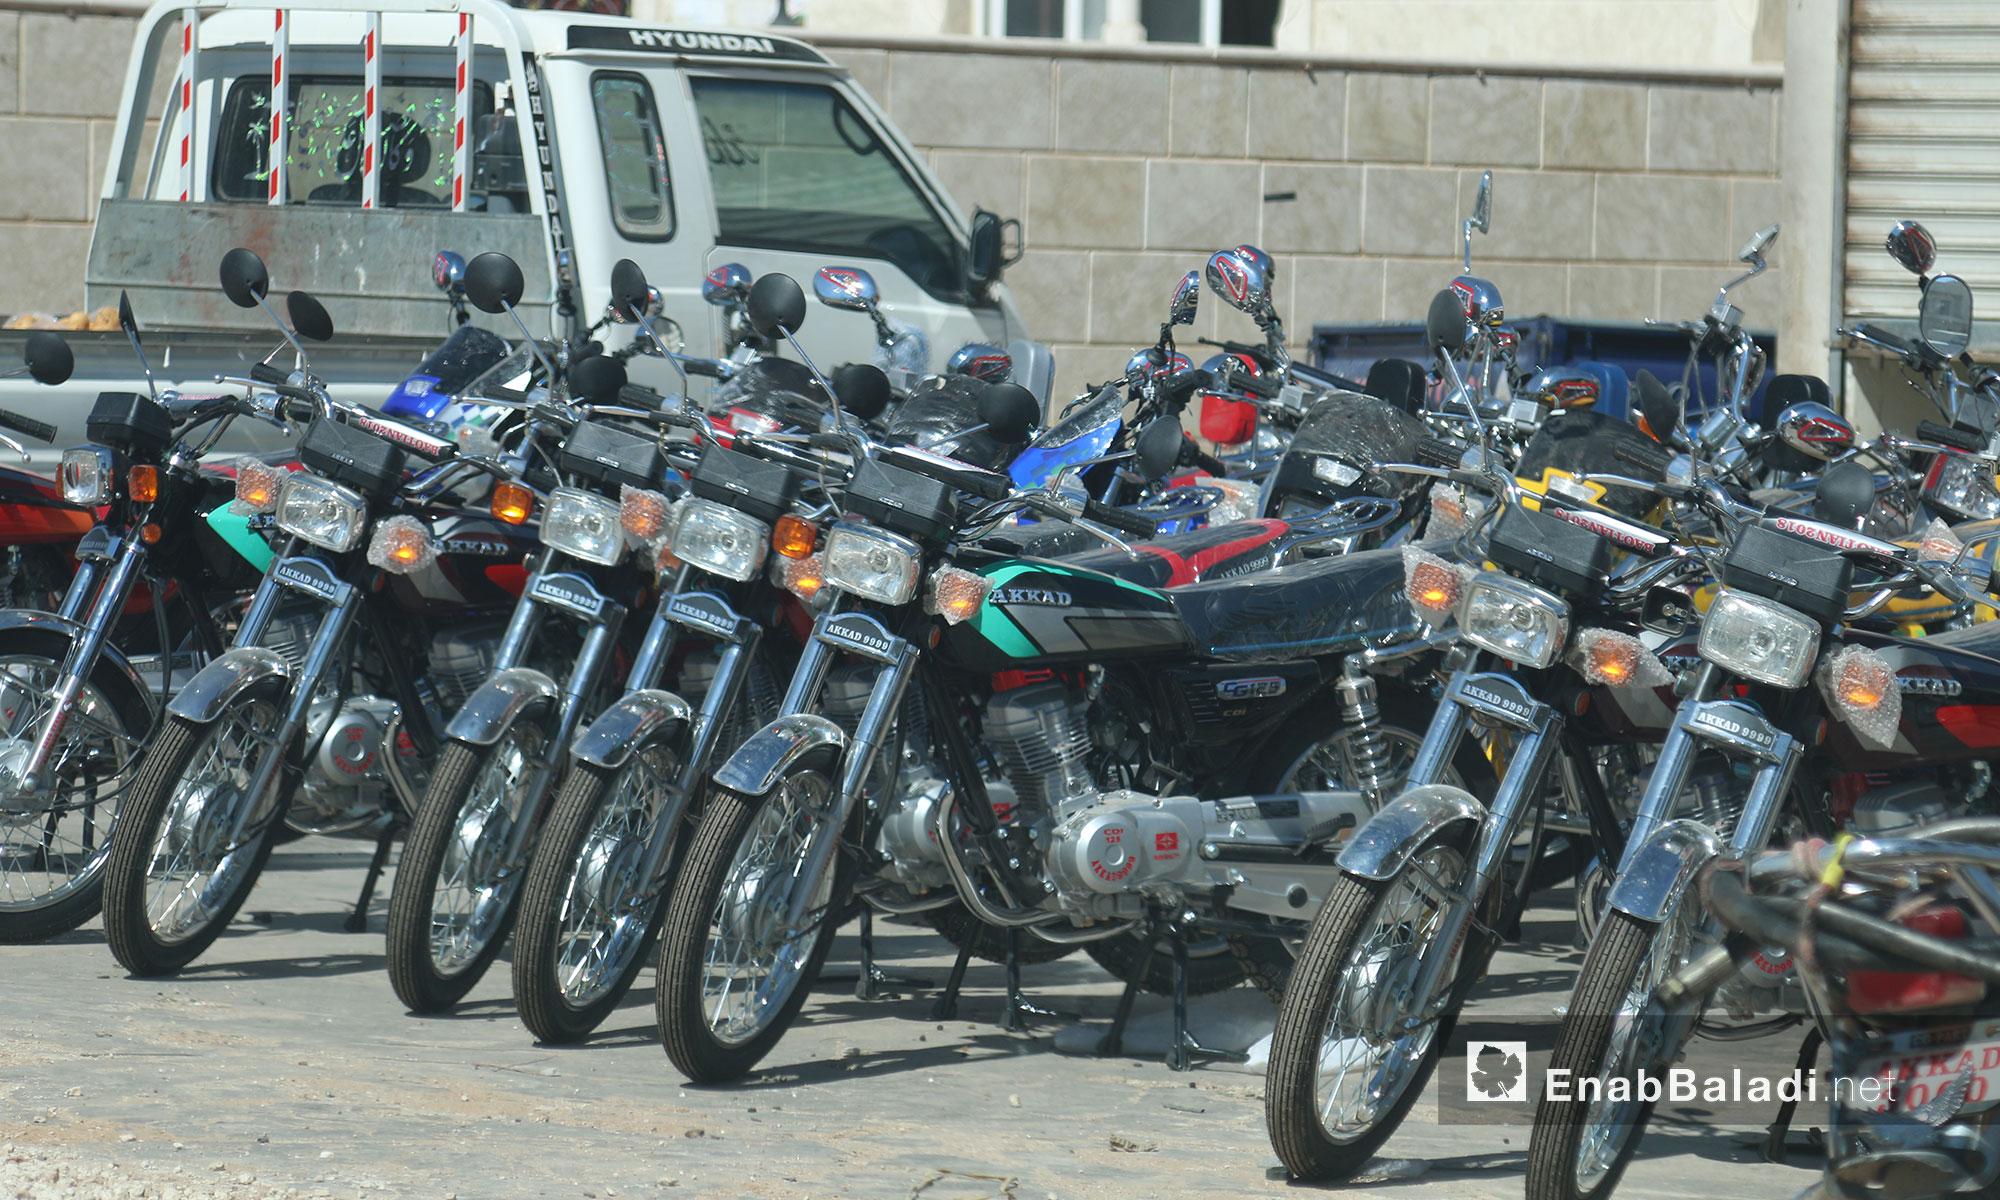 محل بيع الدراجات النارية الجديدة والمستعملة في سرمدا بإدلب - 12 حزيران 2017 (عنب بلدي)